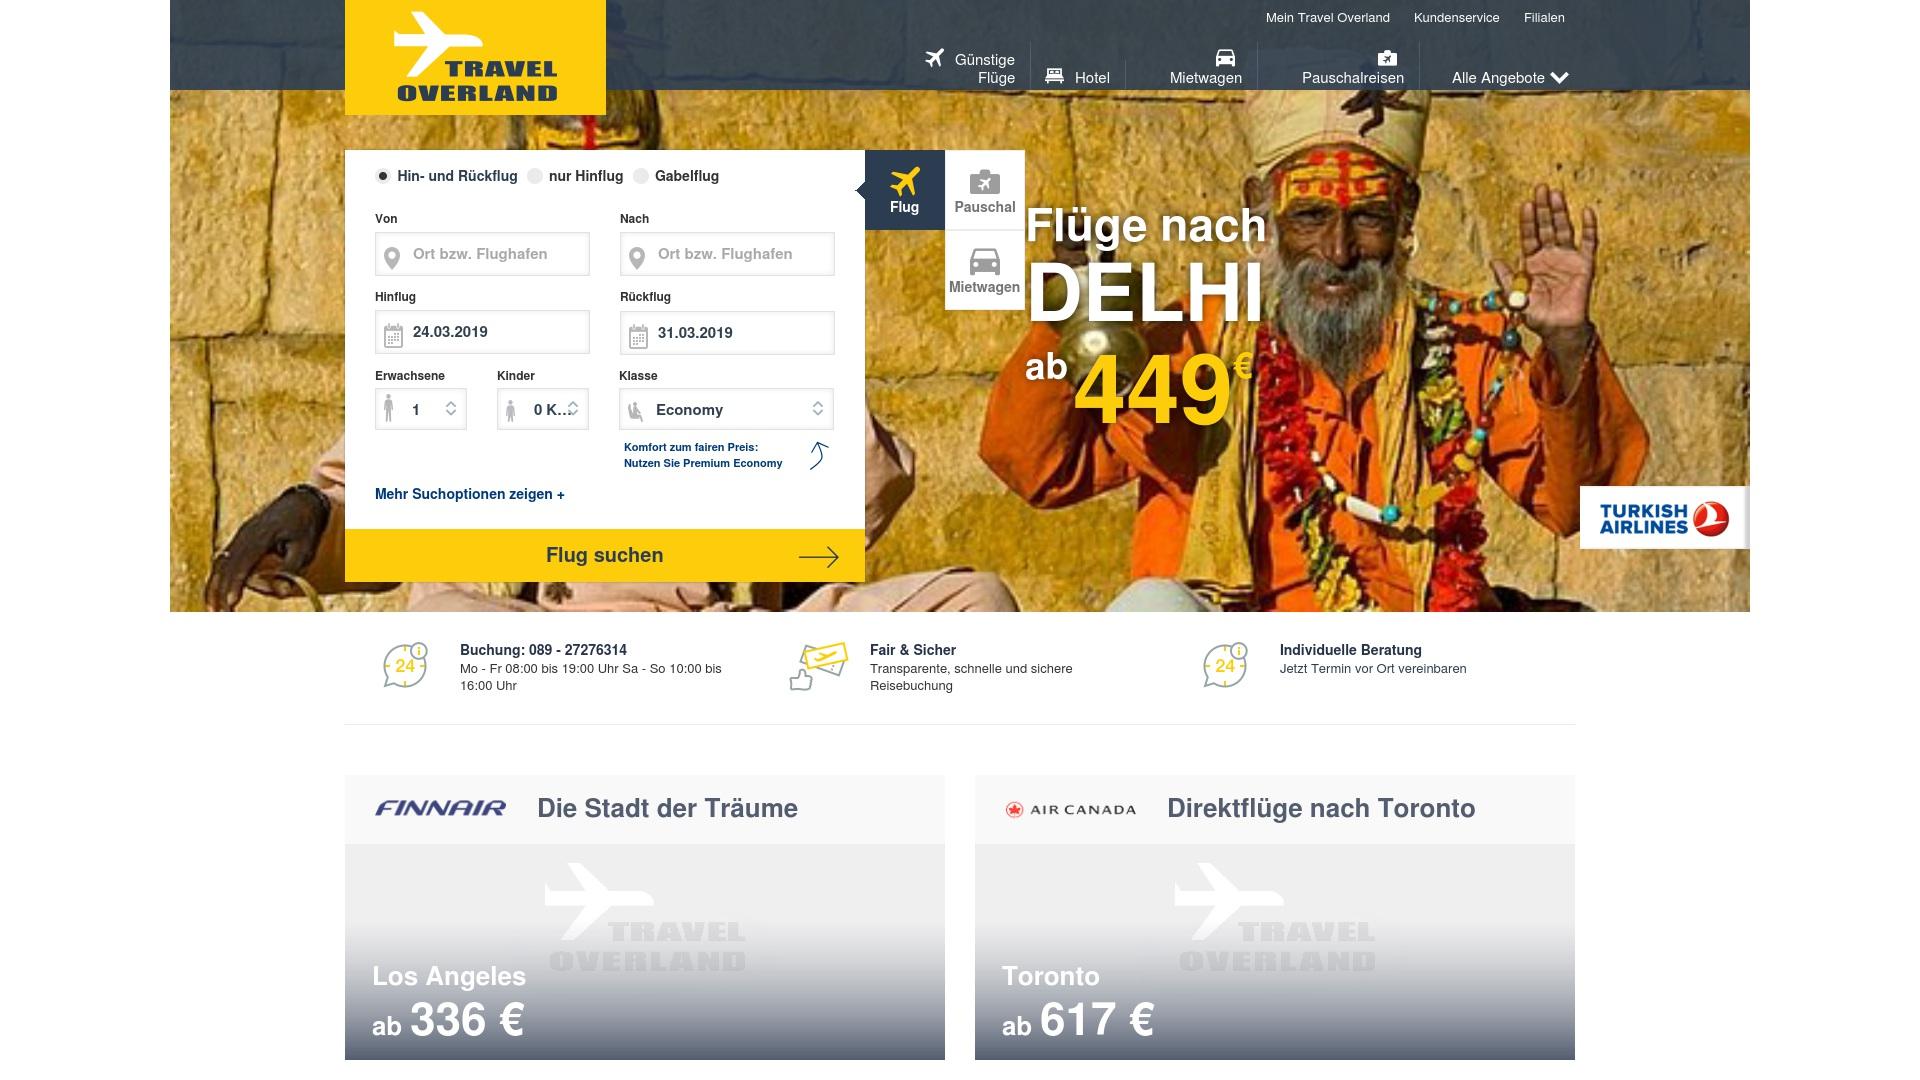 Gutschein für Travel-overland: Rabatte für  Travel-overland sichern